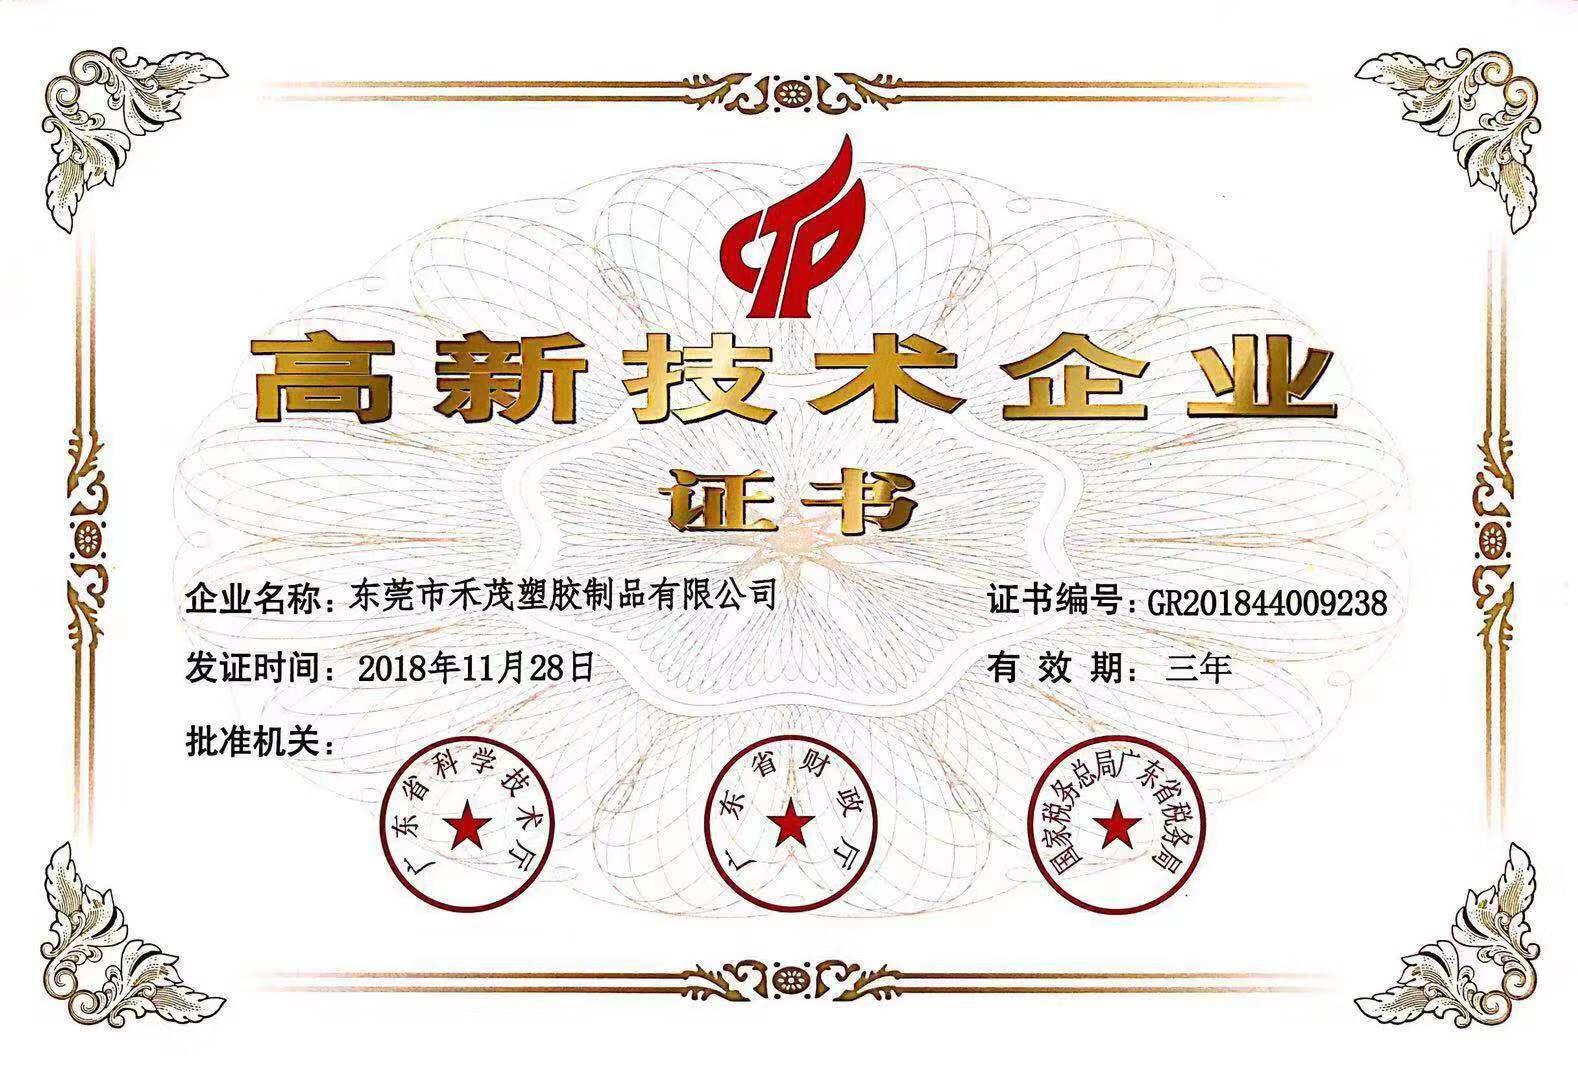 禾茂荣获高新技术企业